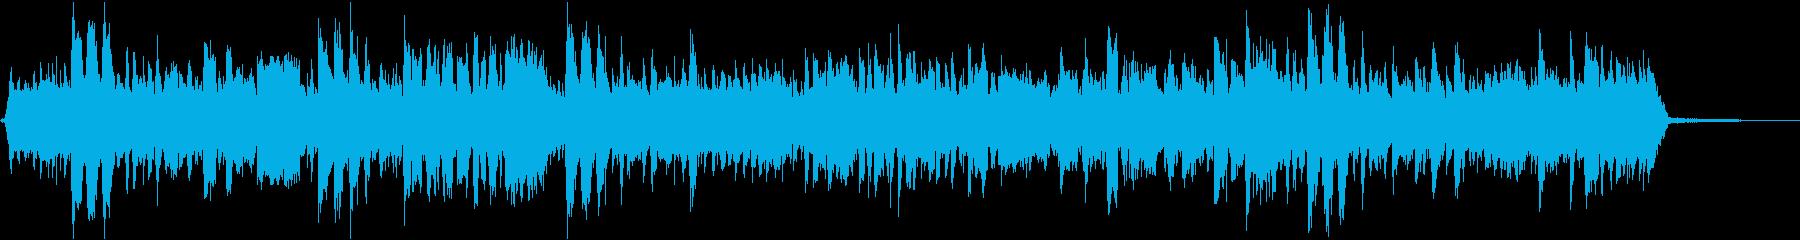 フライドチキンをテーマにした楽曲の再生済みの波形